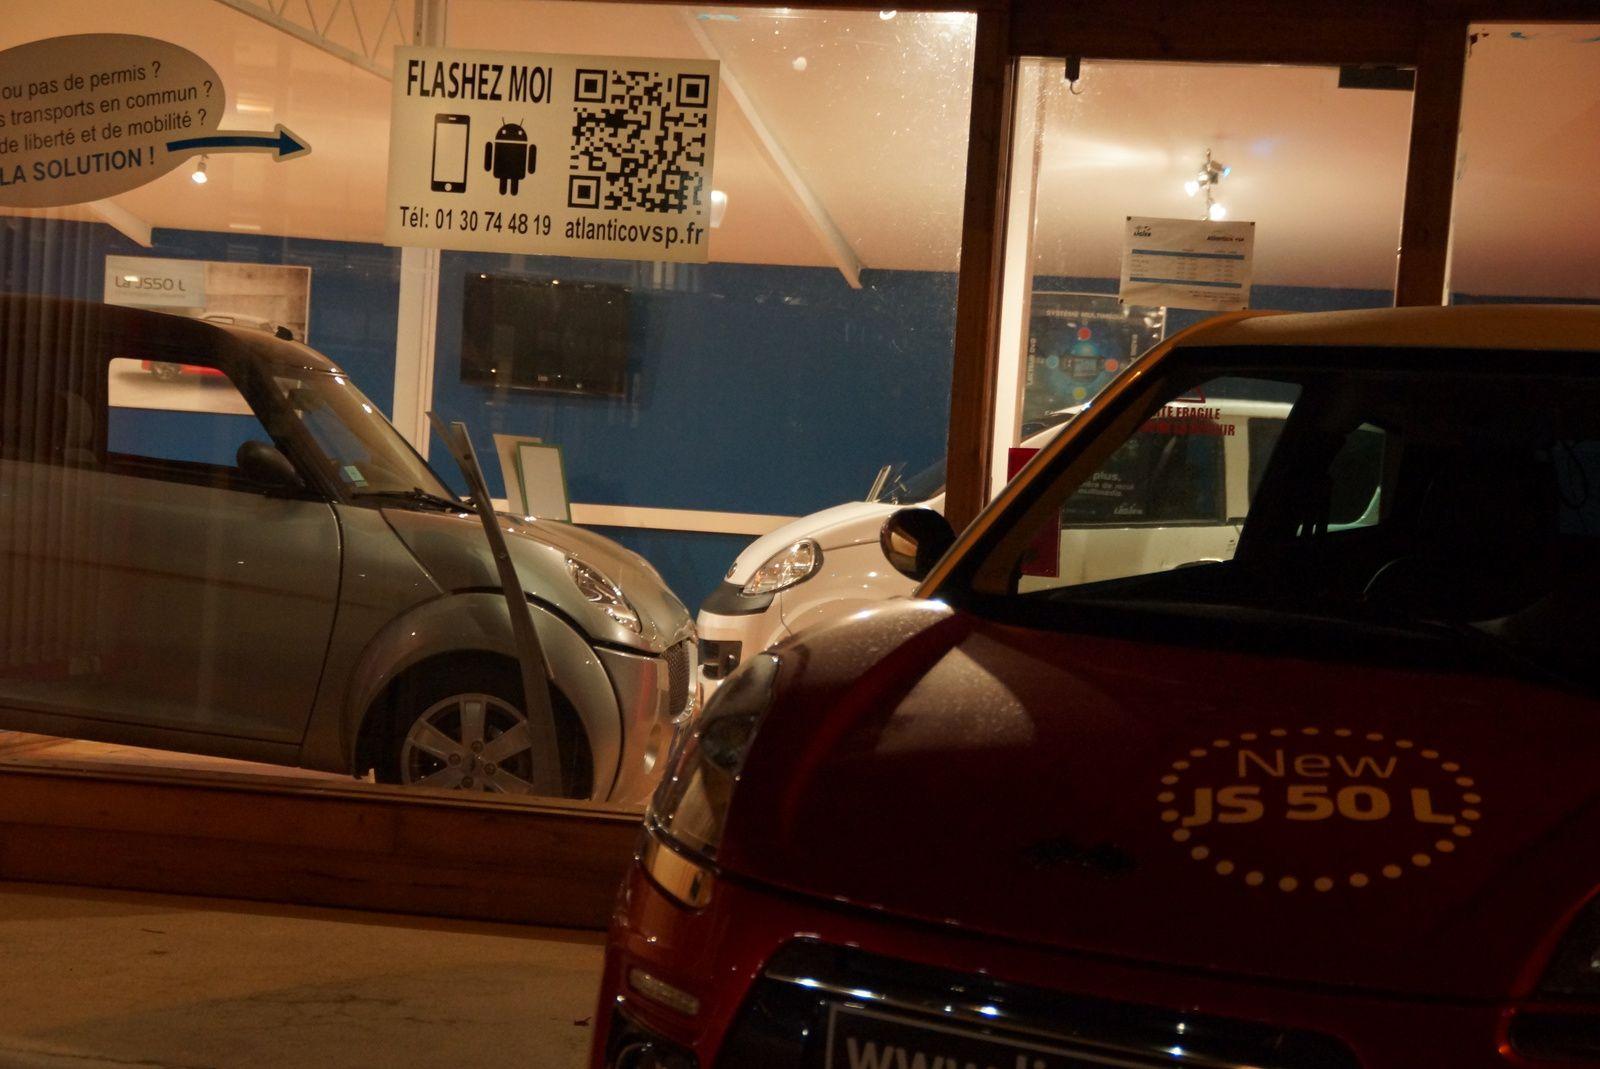 Atlantico VSP votre concessionnaire d'utilitaires et voitures sans permis à Carrières-sous-Poissy !